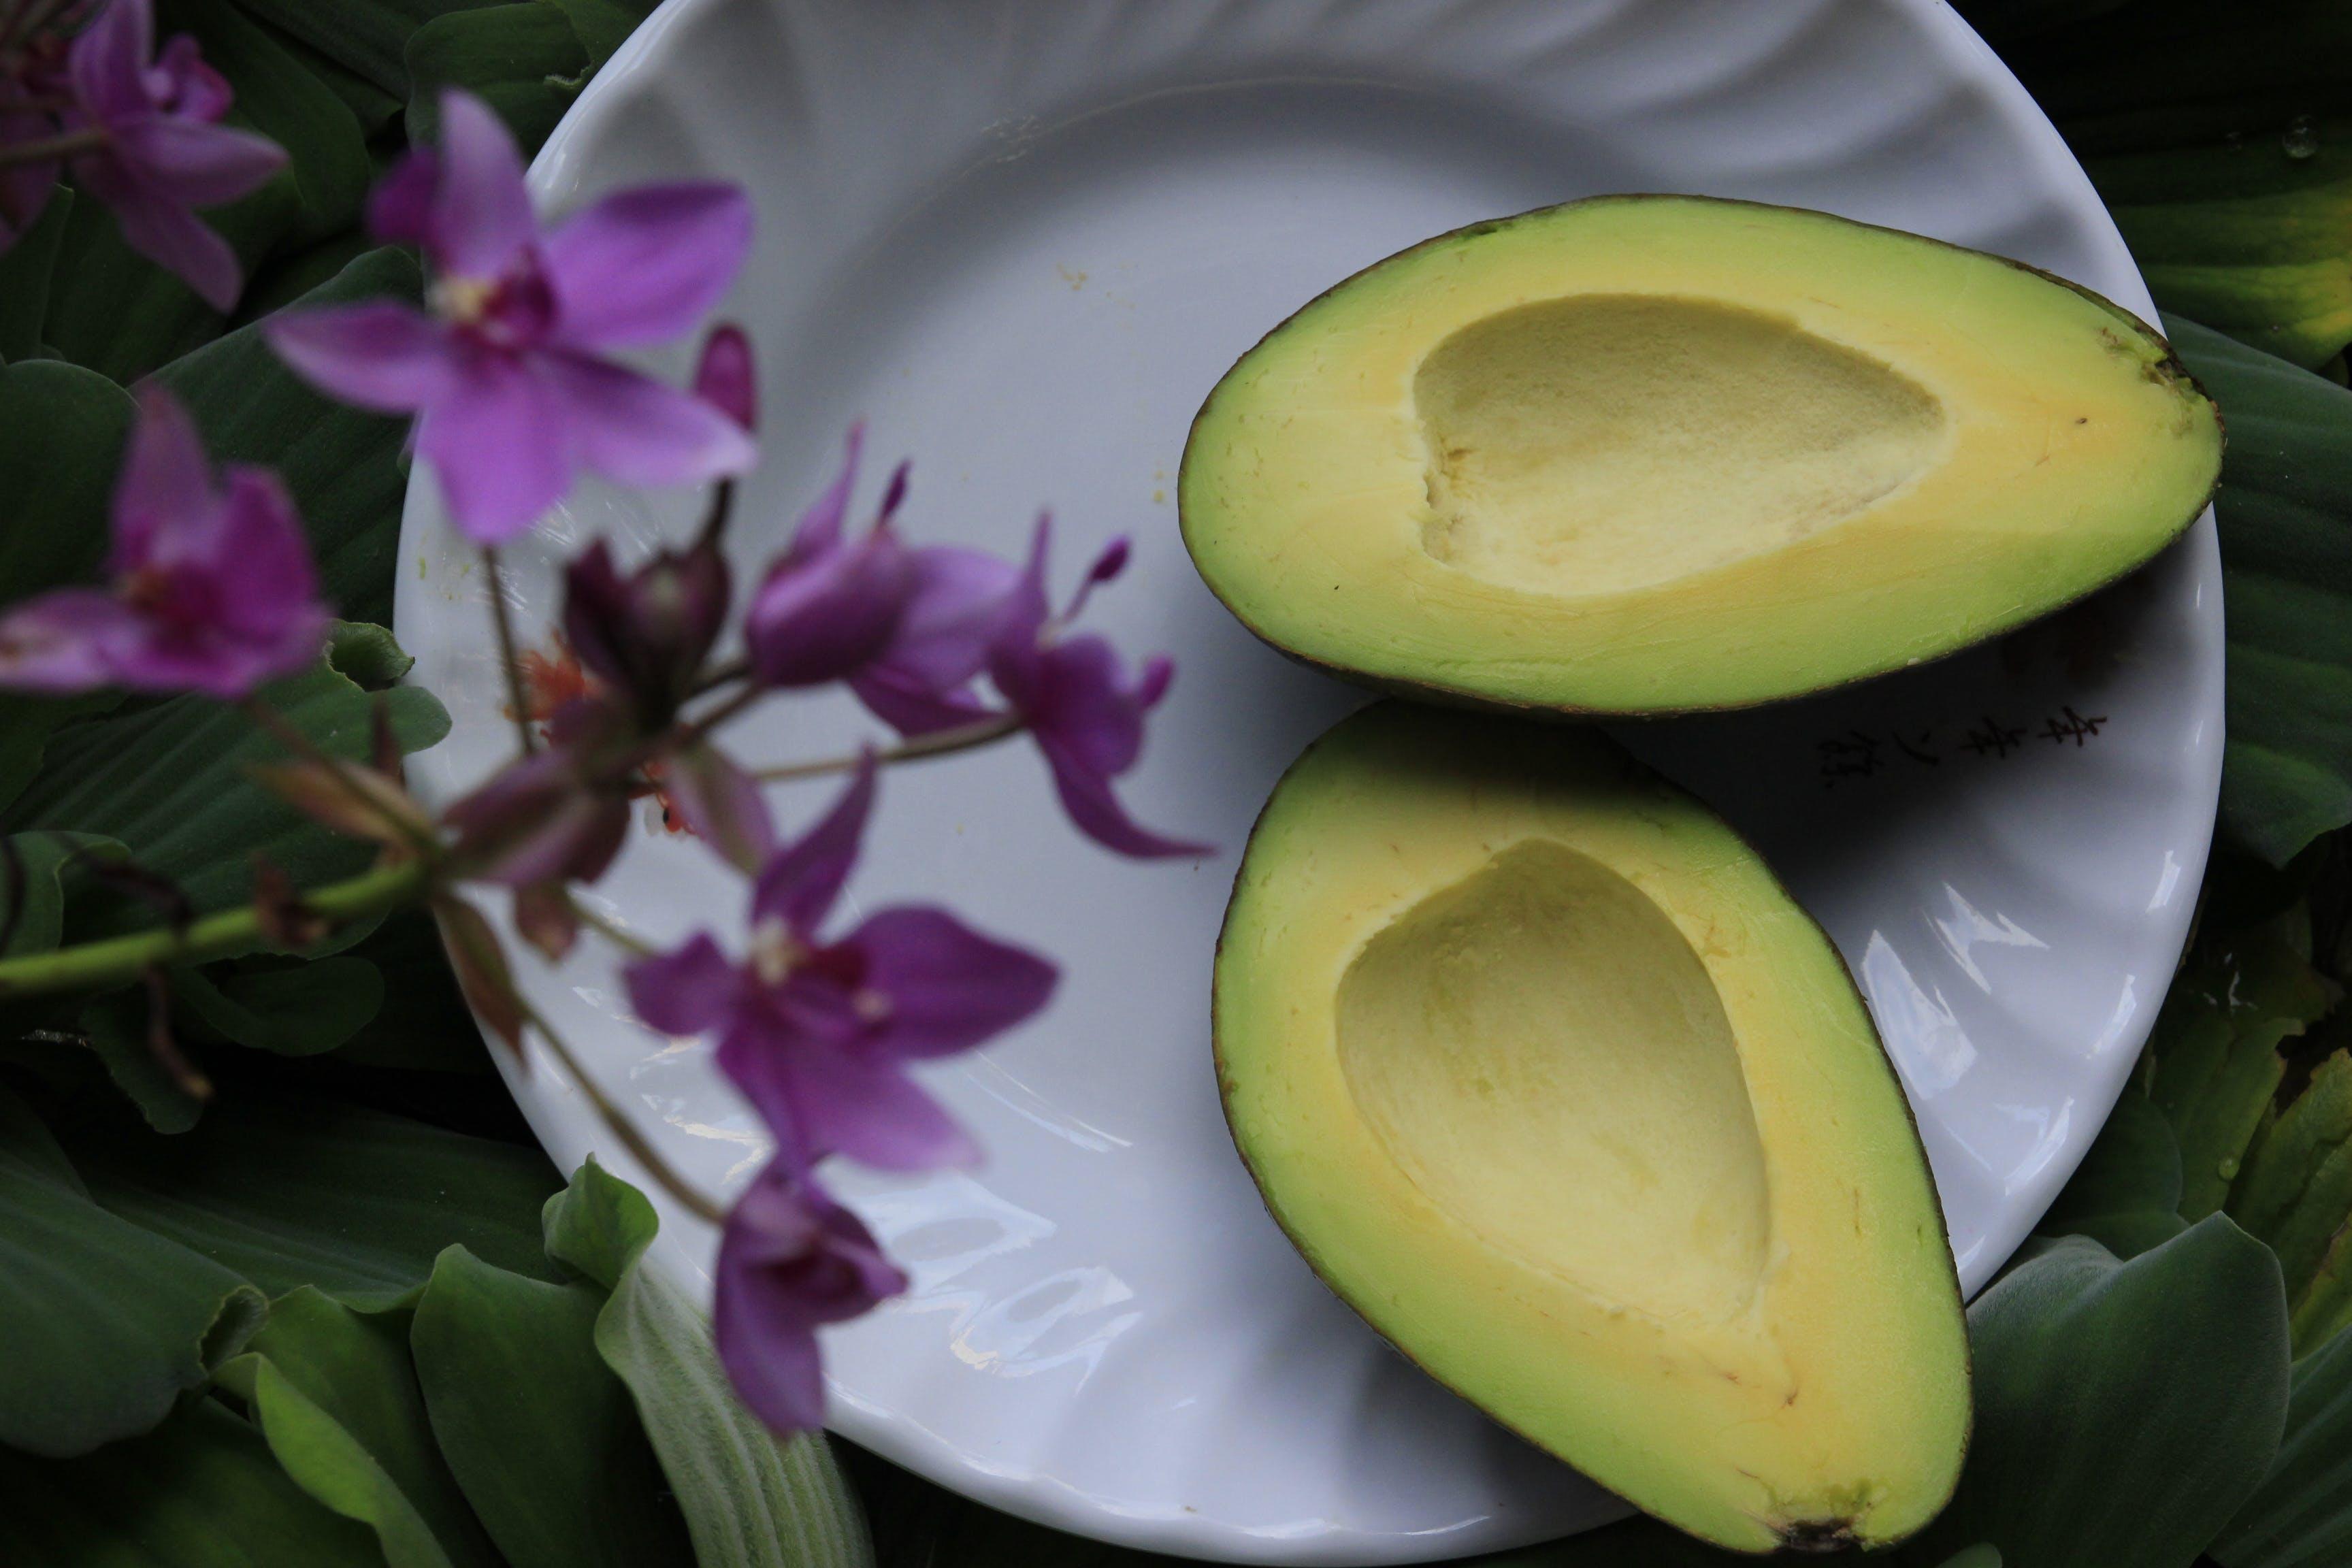 Sliced Avocado on White Ceramic Plate